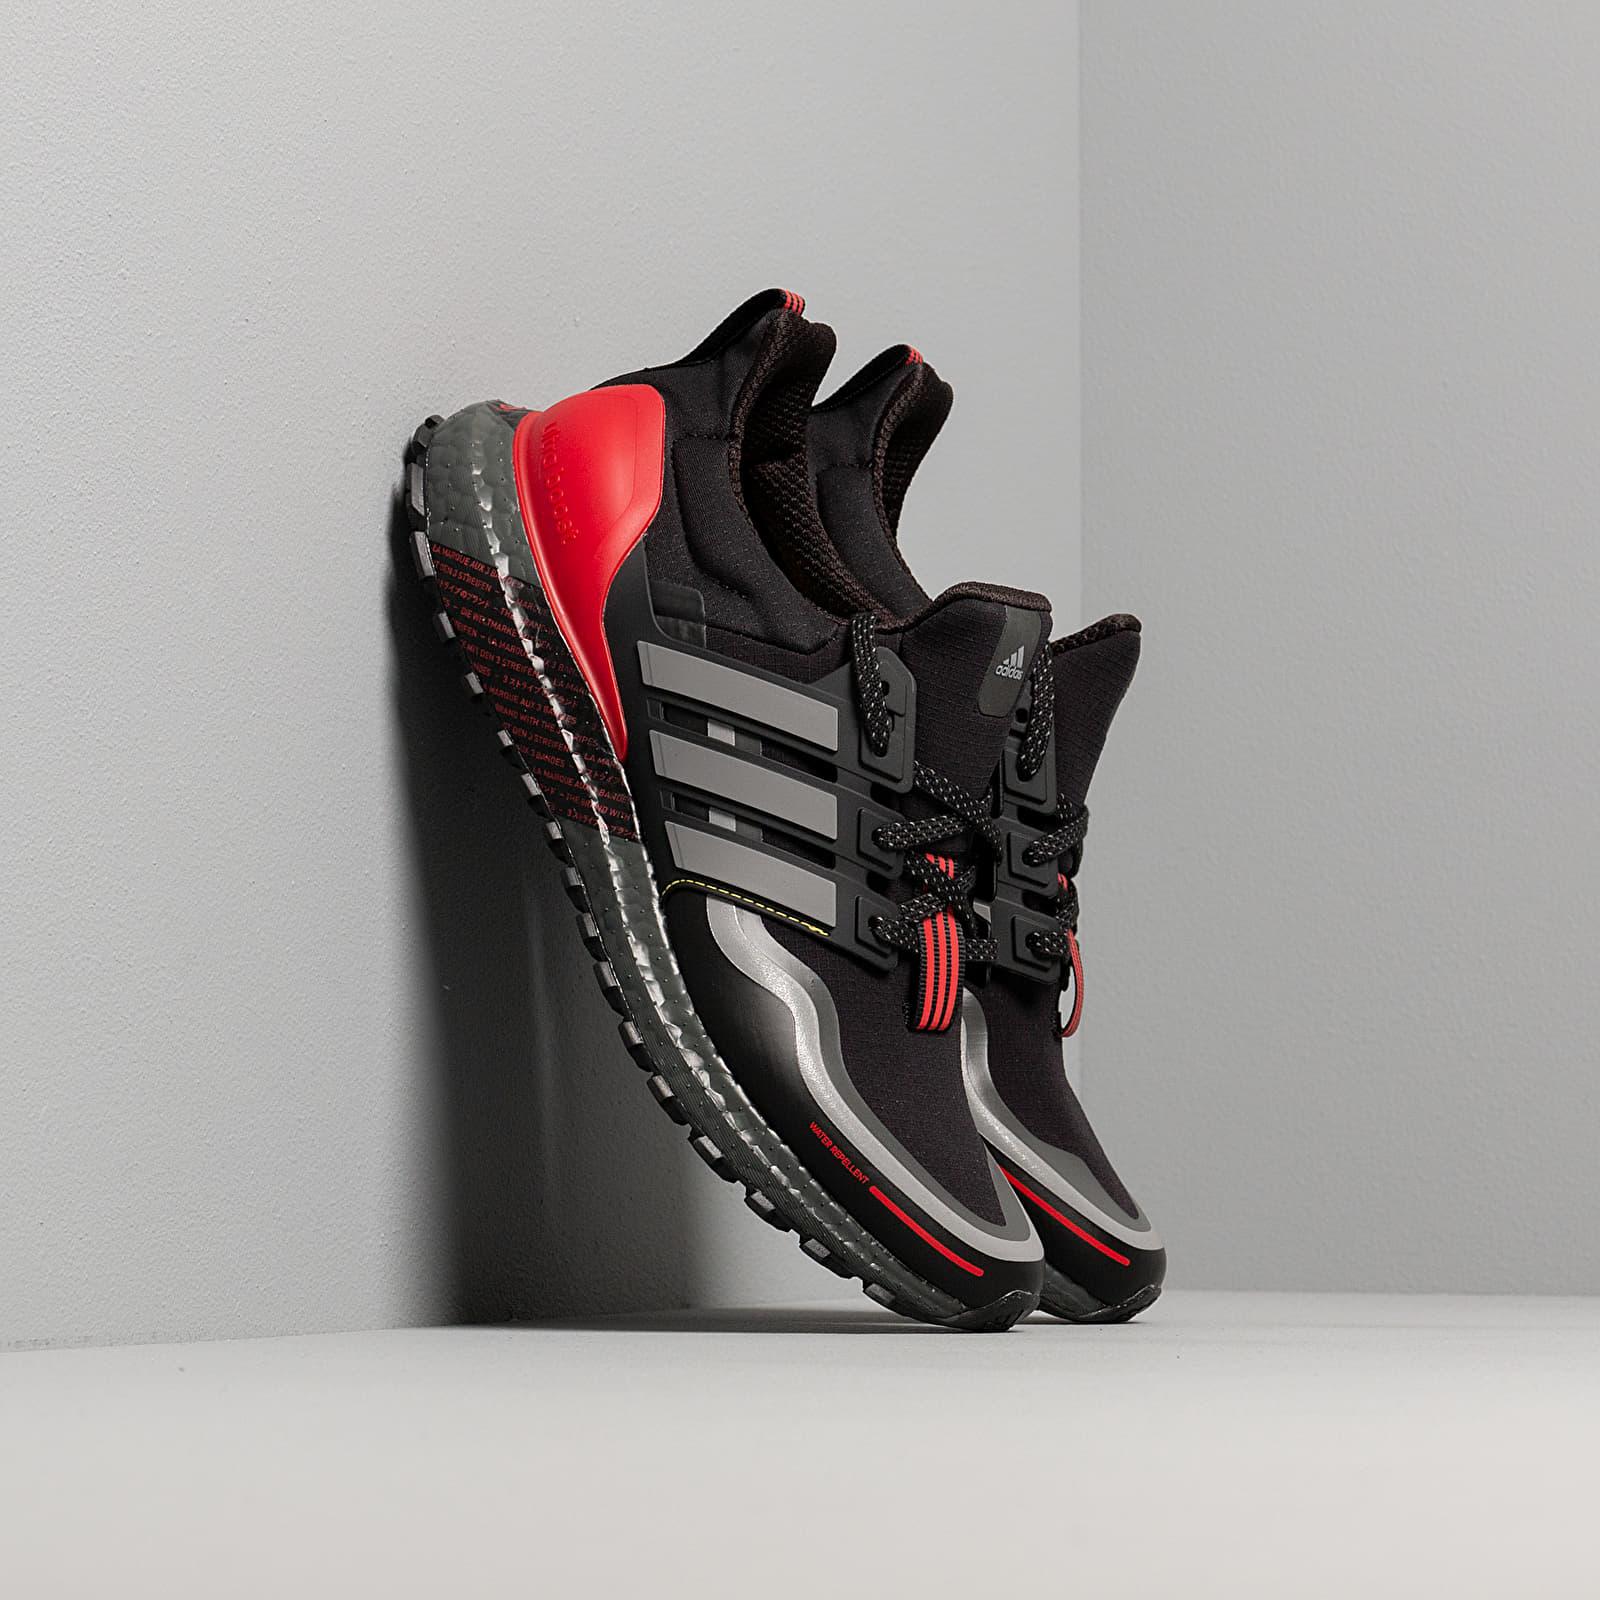 Pánské tenisky a boty adidas UltraBOOST Guard Core Black/ Grey Three/ Scarlet